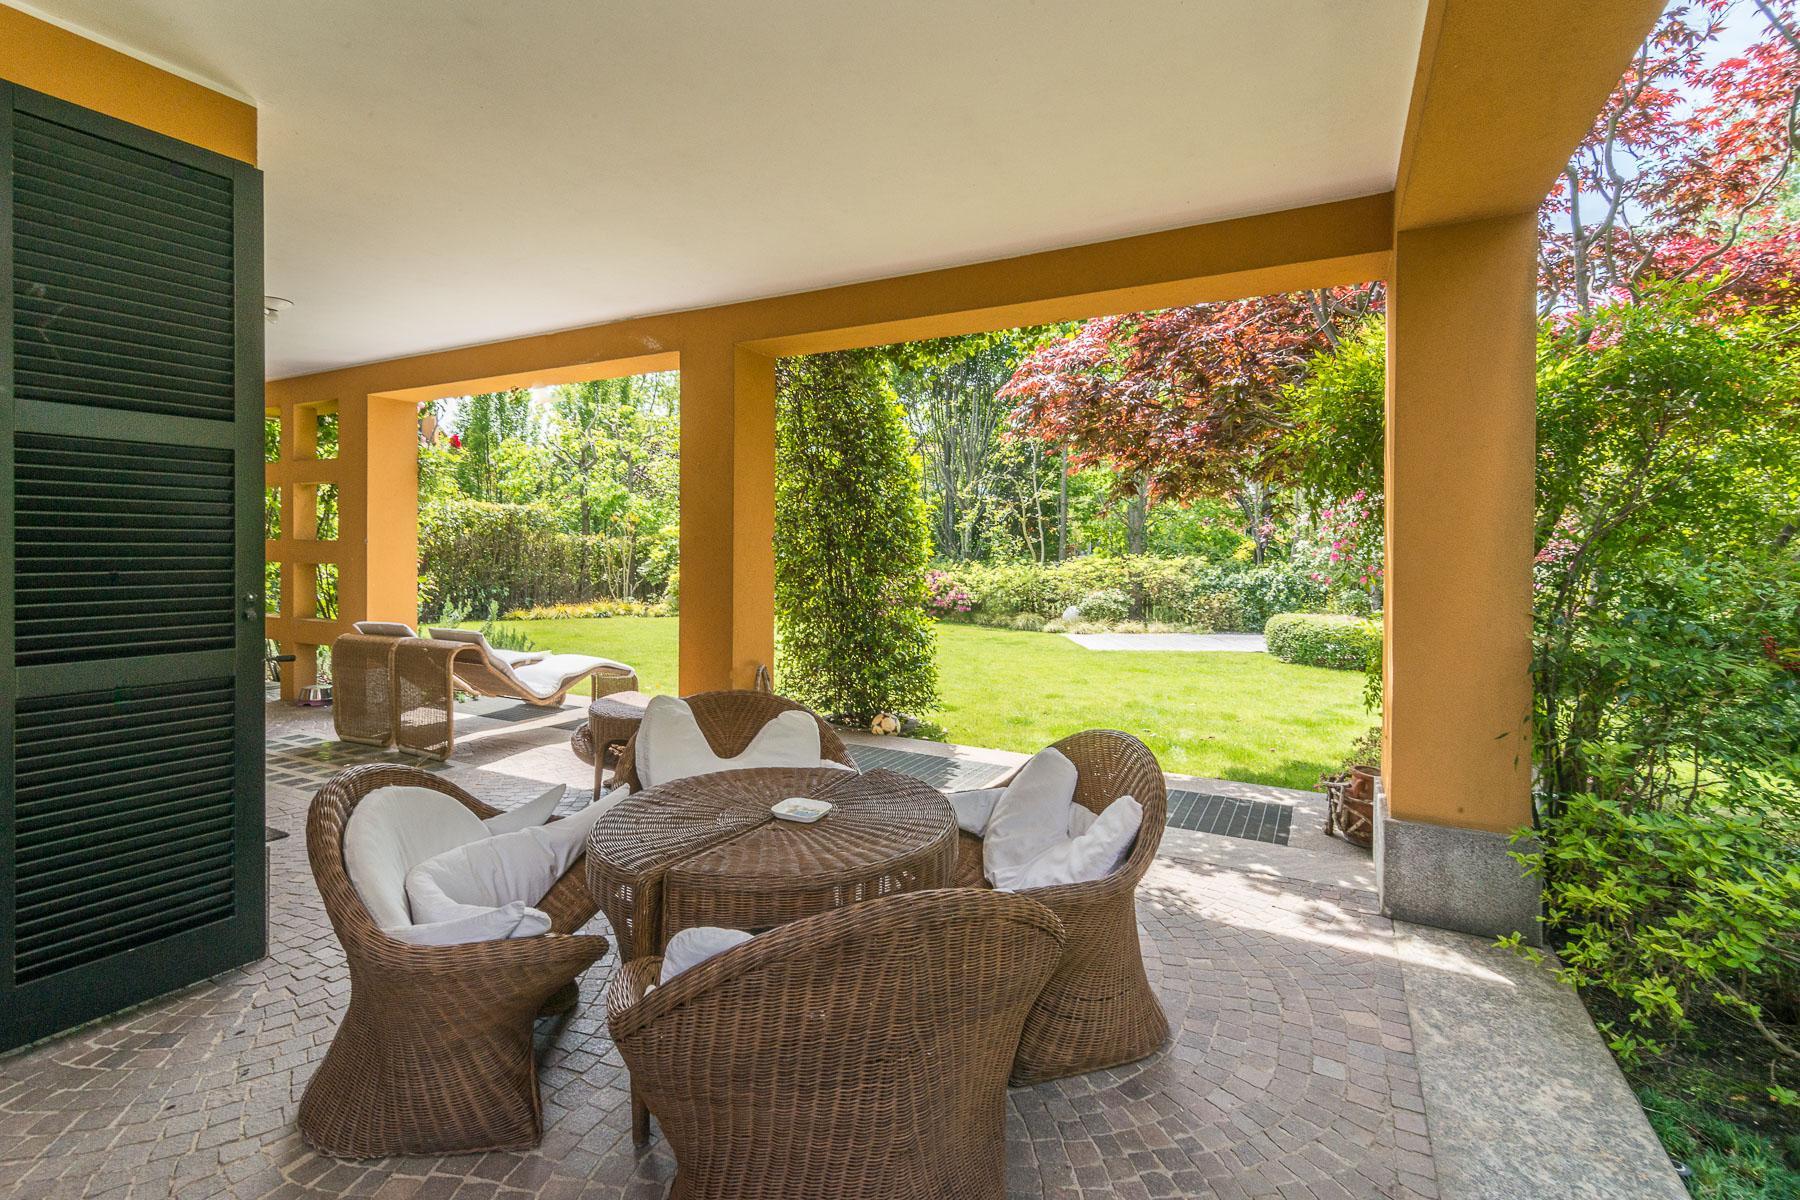 Golf Club de Castelconturbia, maison individuelle de 300 m² avec jardin de 1500 m² et jacuzzi - 10